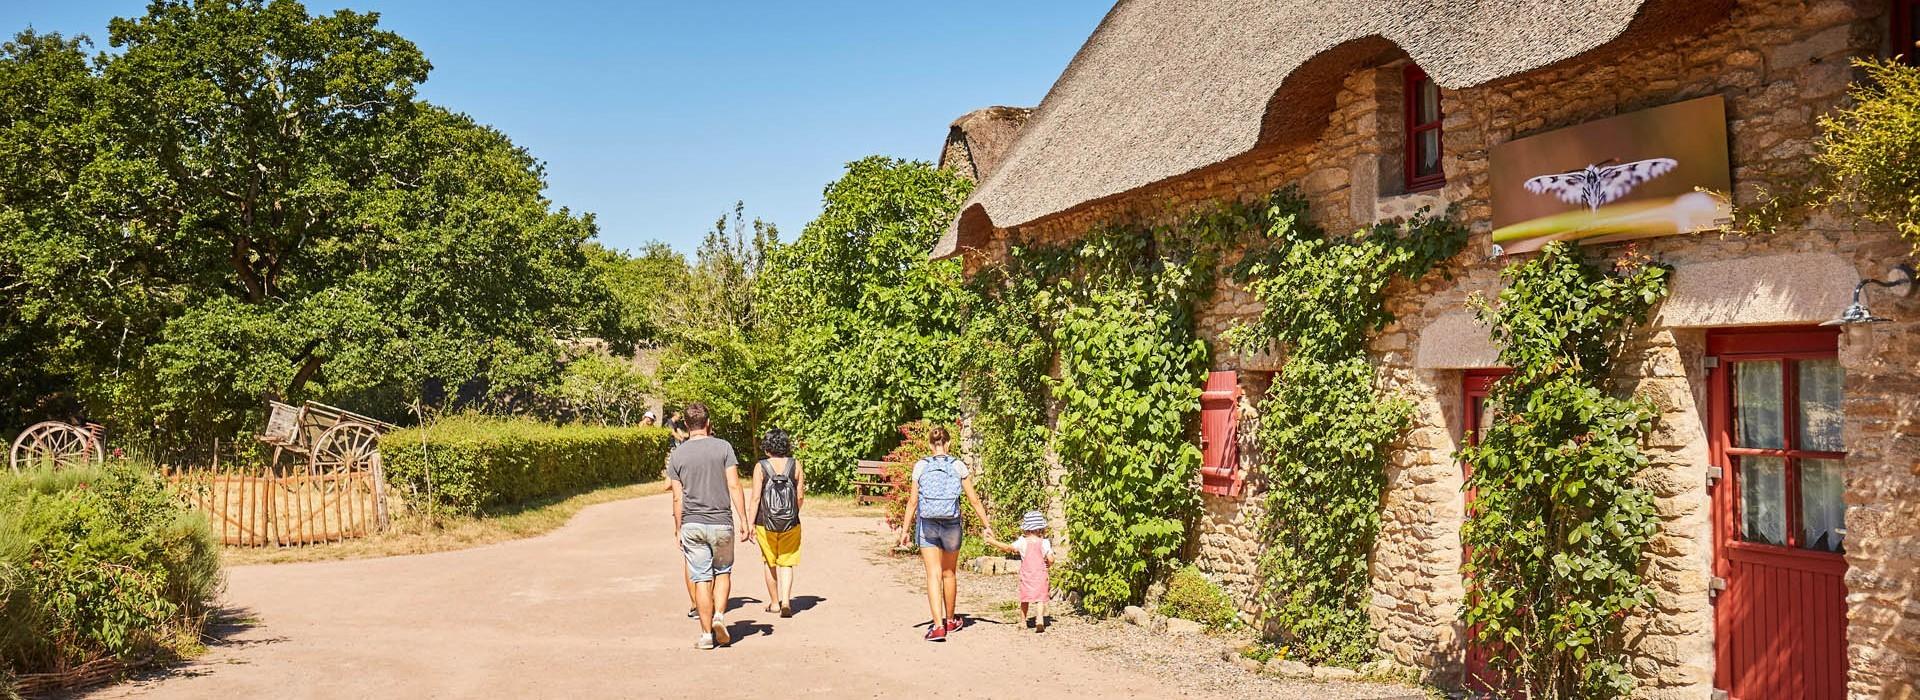 Nos engagements - Office de Tourisme La Baule Presqu'île de Guérande